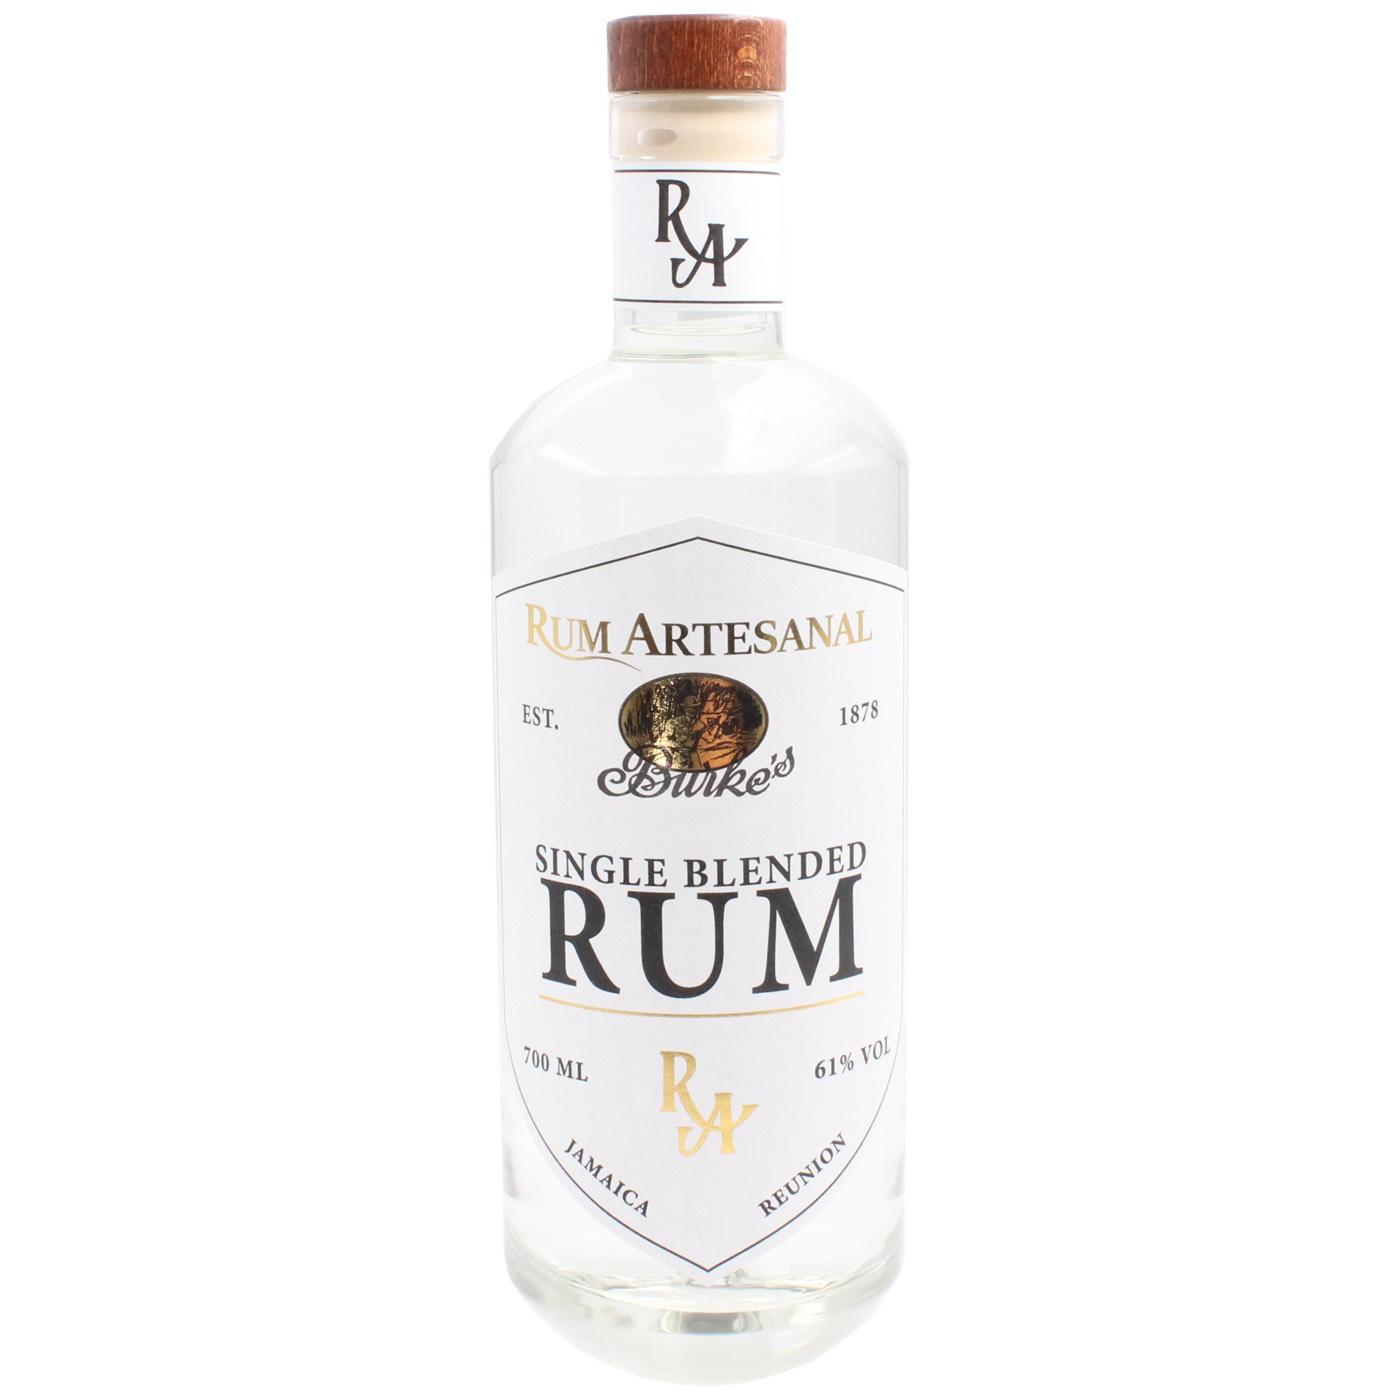 Bottle image of Rum Artesanal Burke's Single Blended Rum